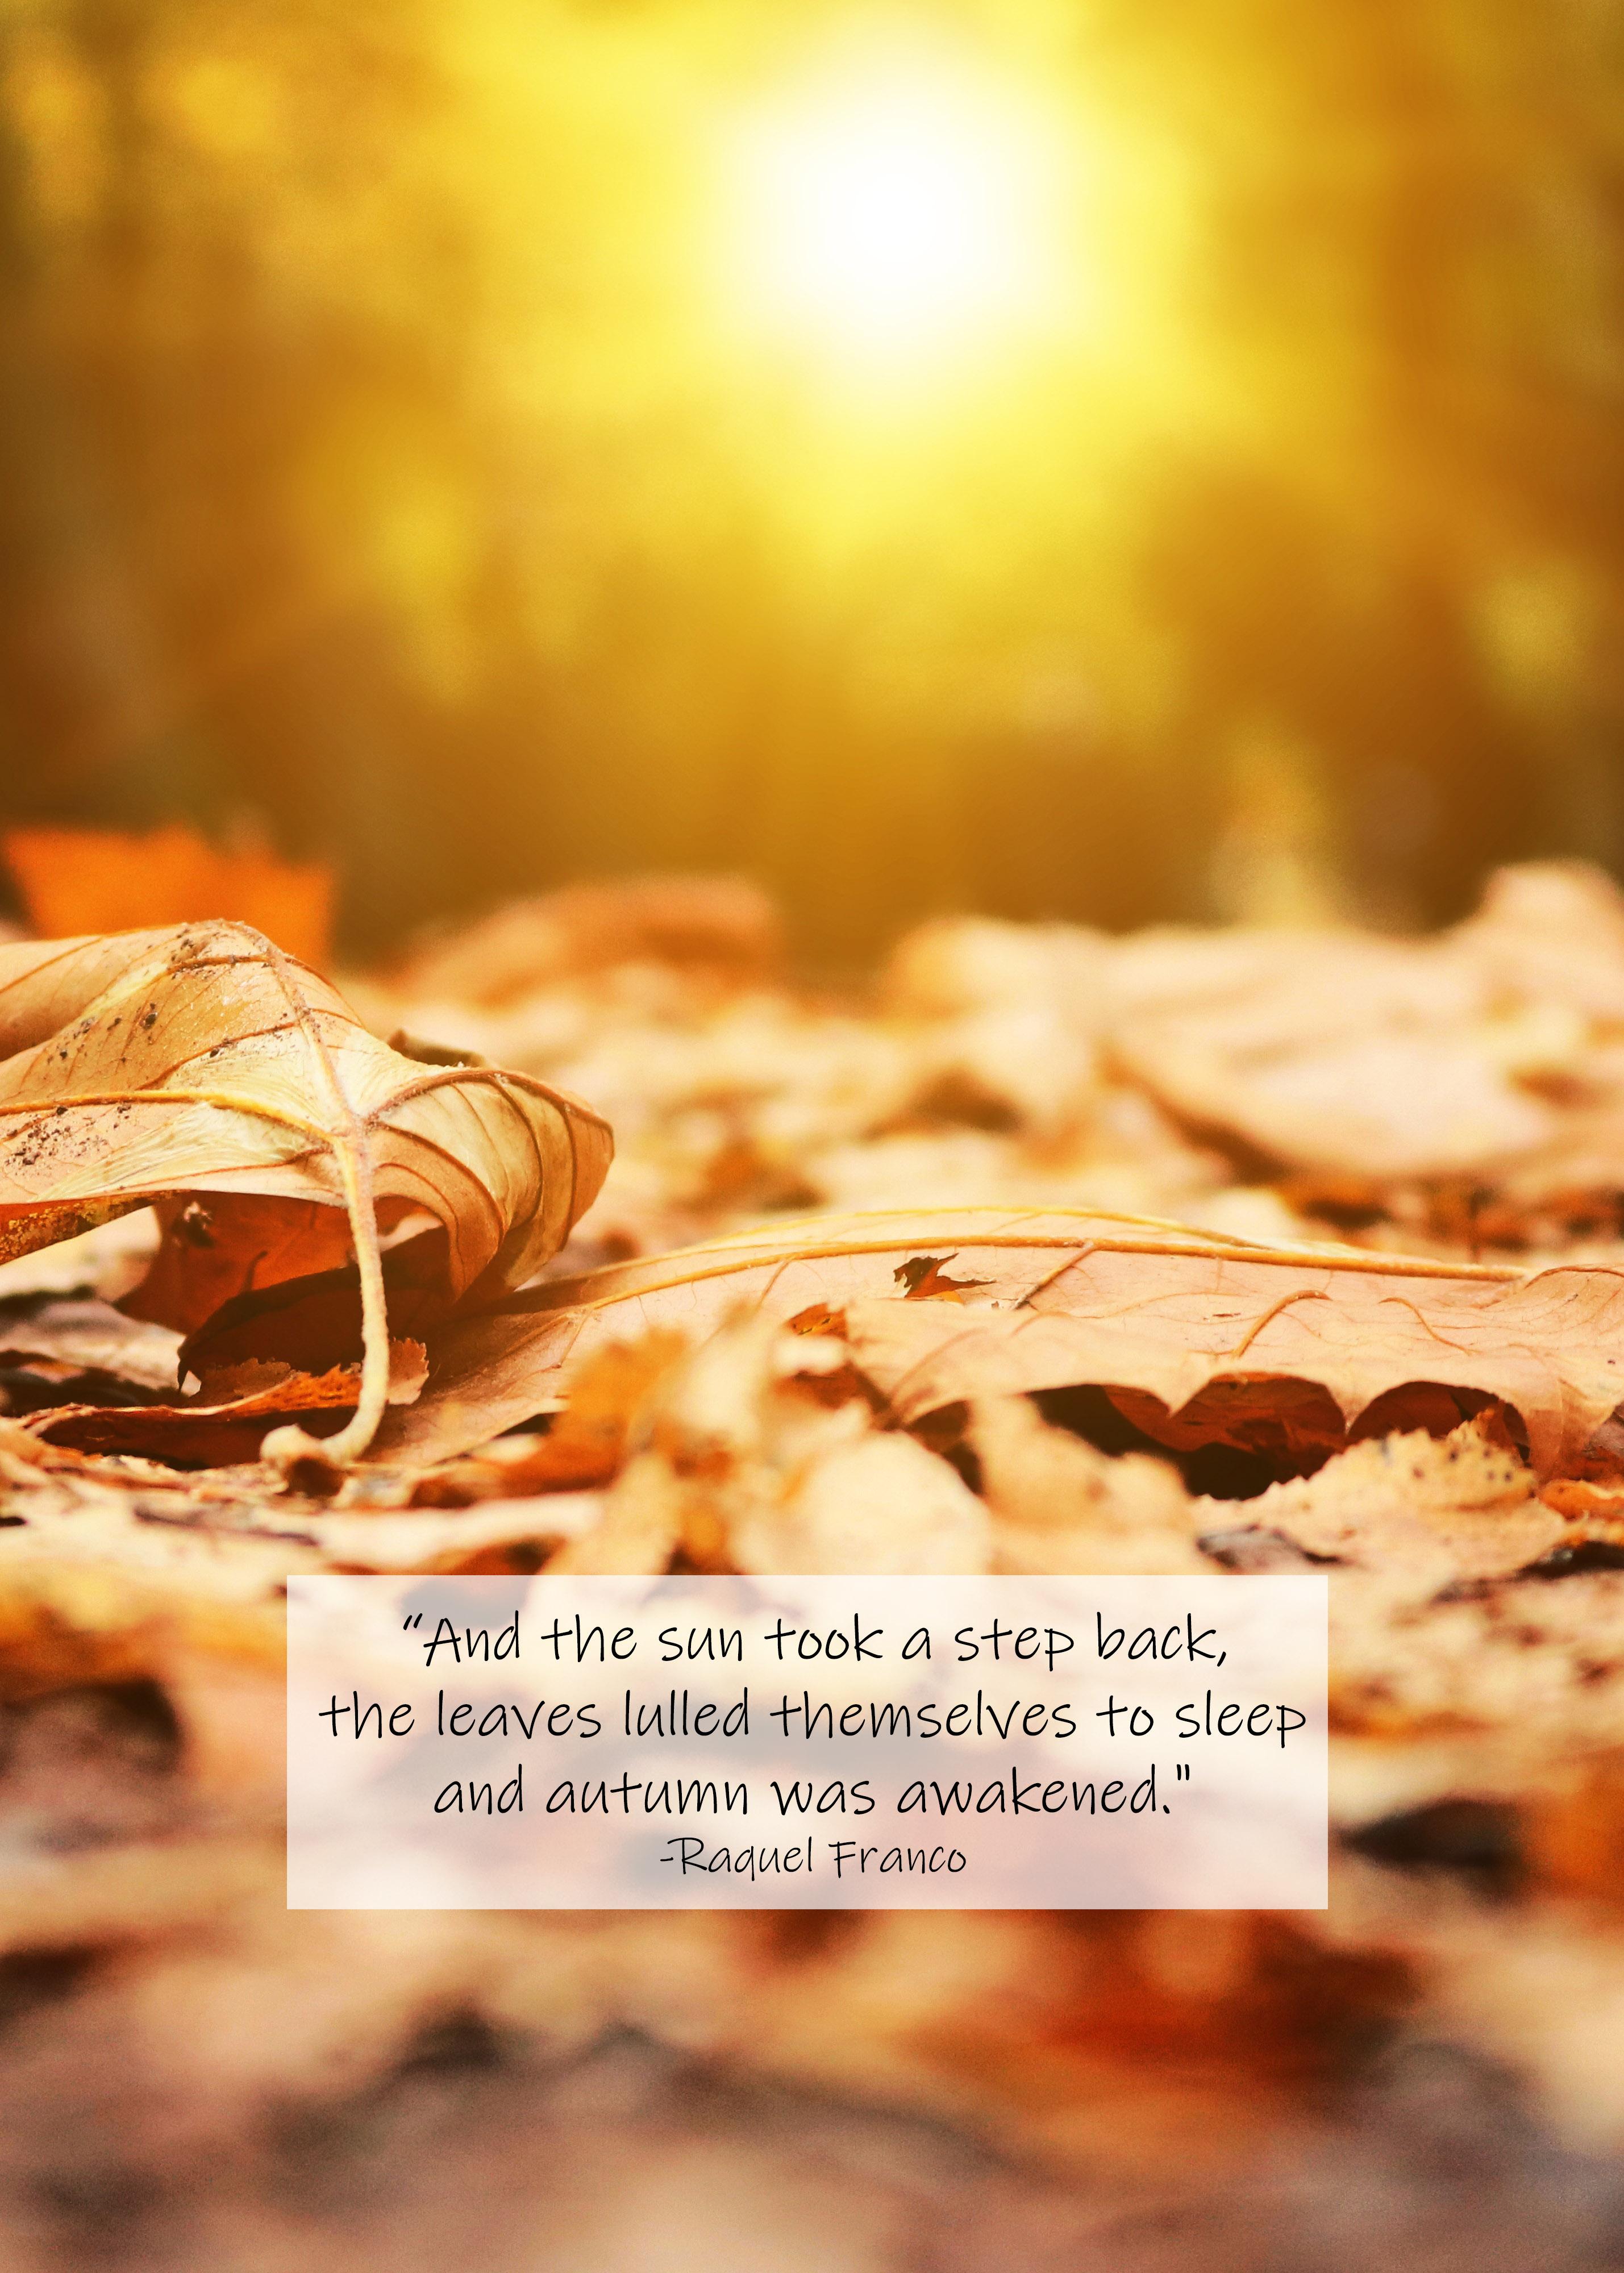 Autumn Was Awakened Raquel Franco Quote